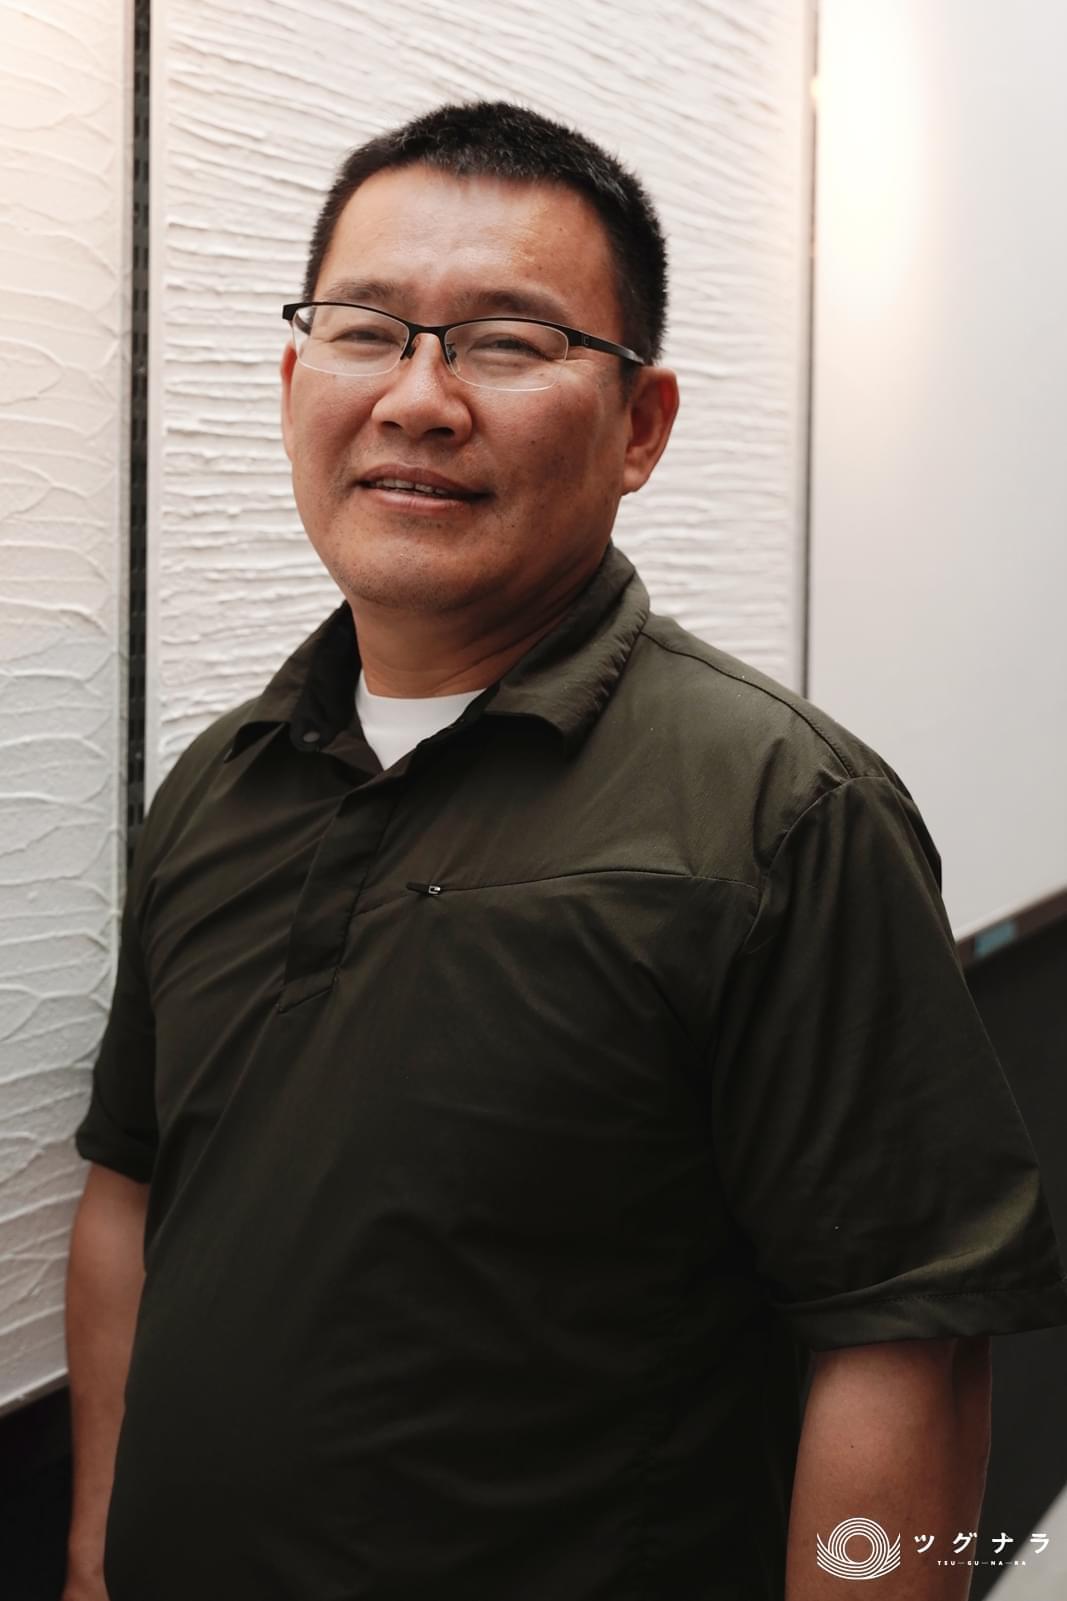 有限会社阿久津左官店代表